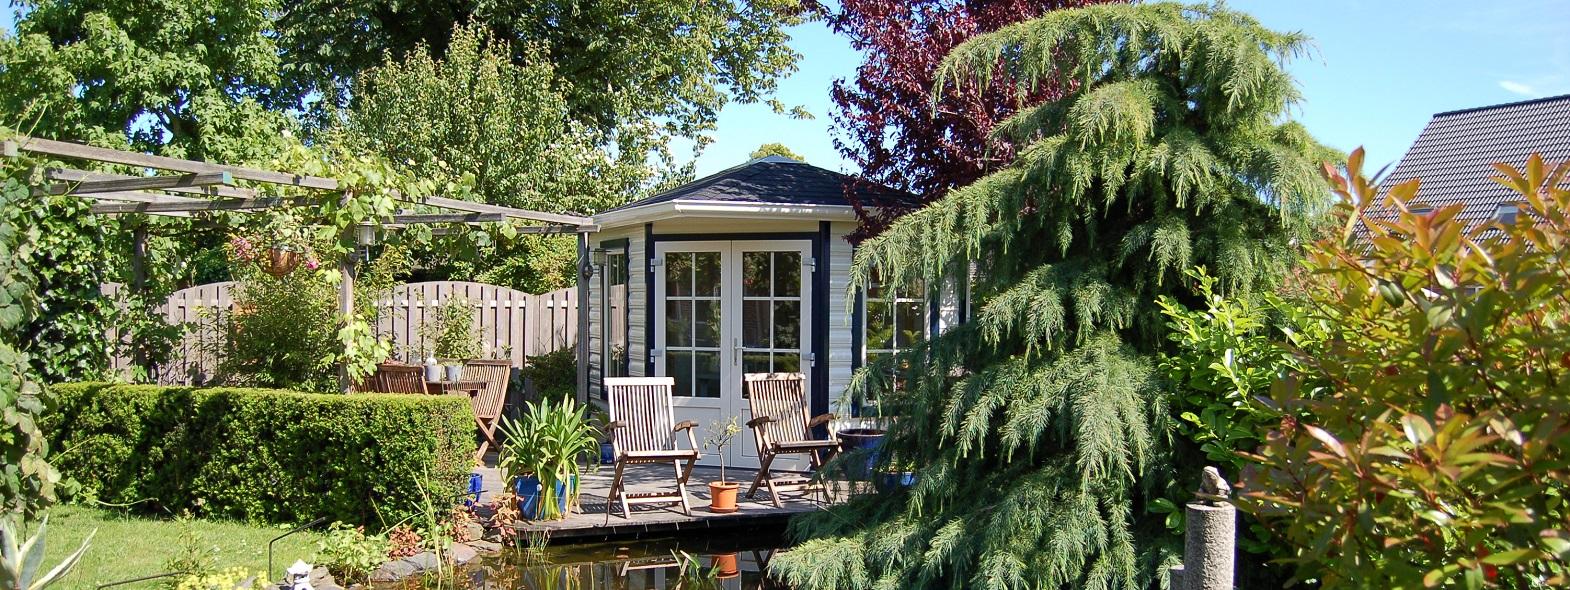 Fünfeck Gartenhaus aus Kunststoff nach Maß